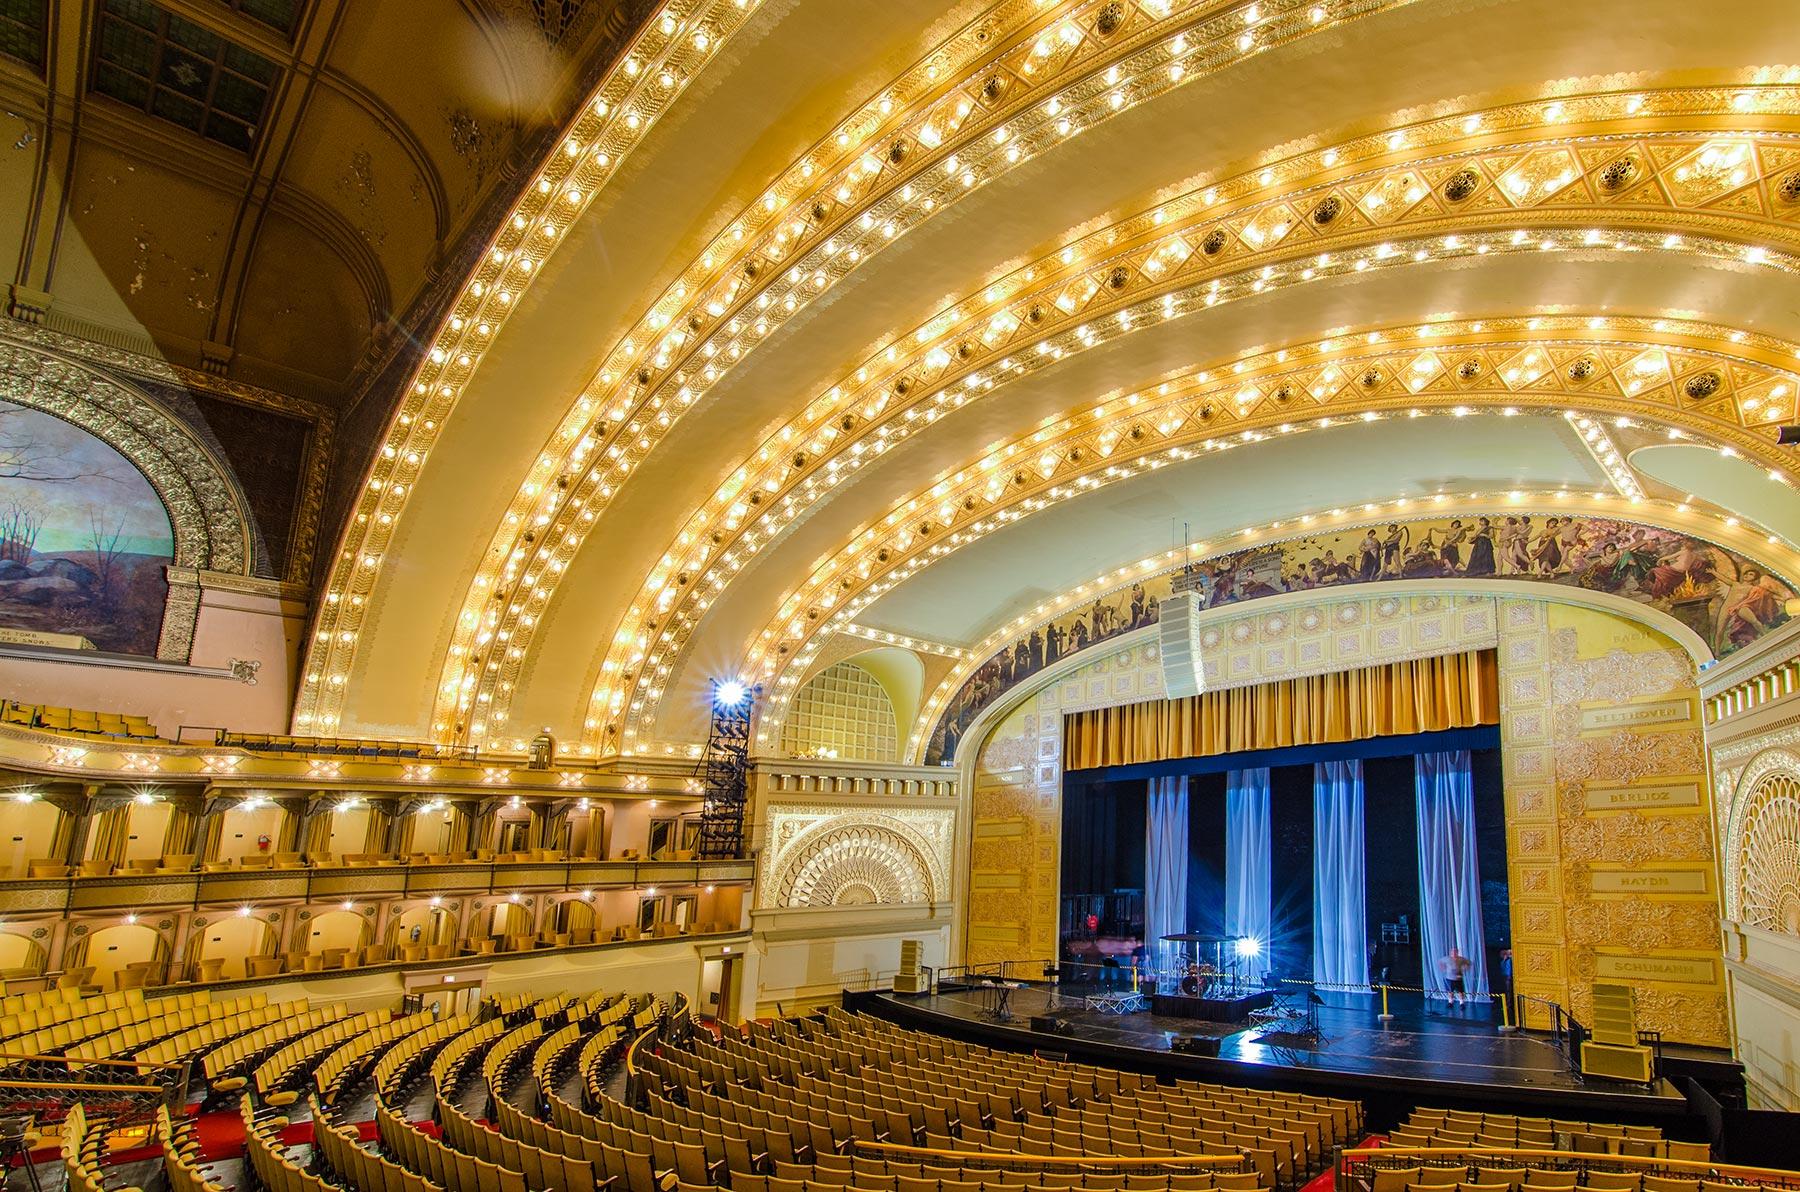 Auditorium Theatre Interior. Photo by Eric Allix Rogers.